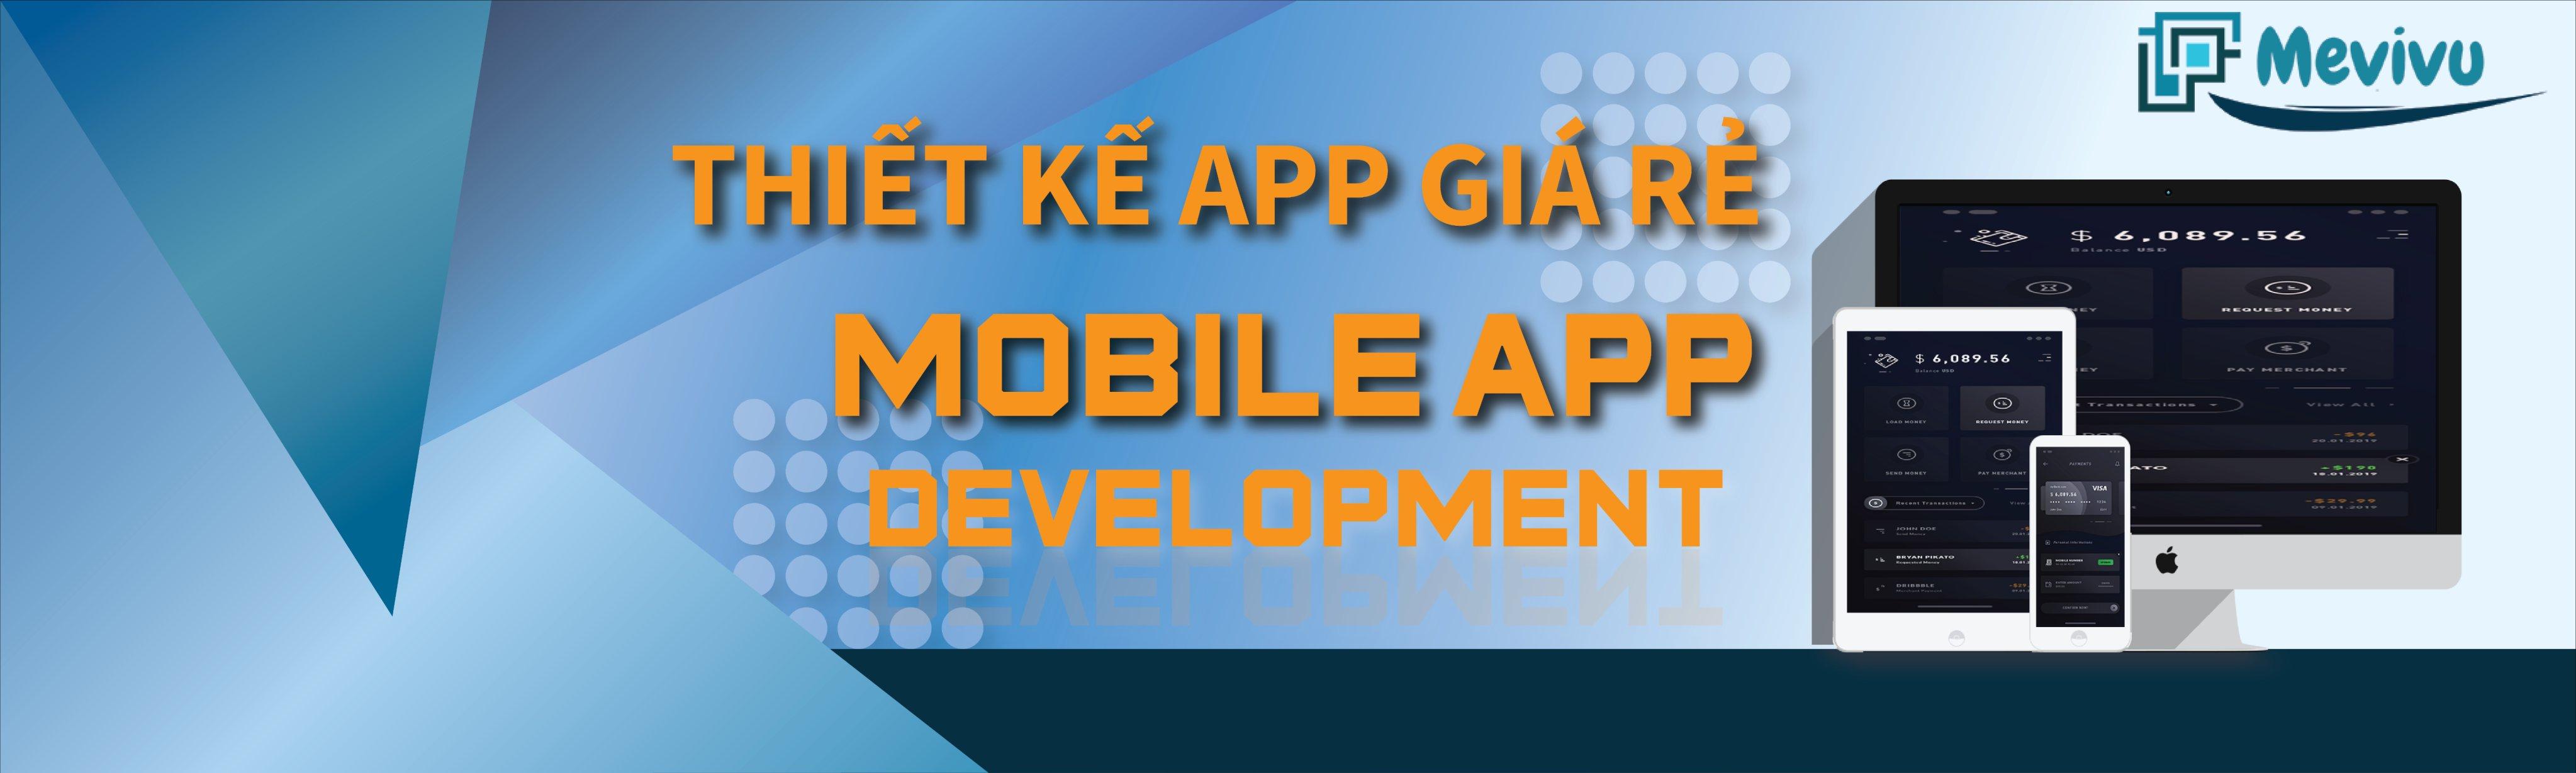 thiết kế app thương mại điện tử giá rẻ